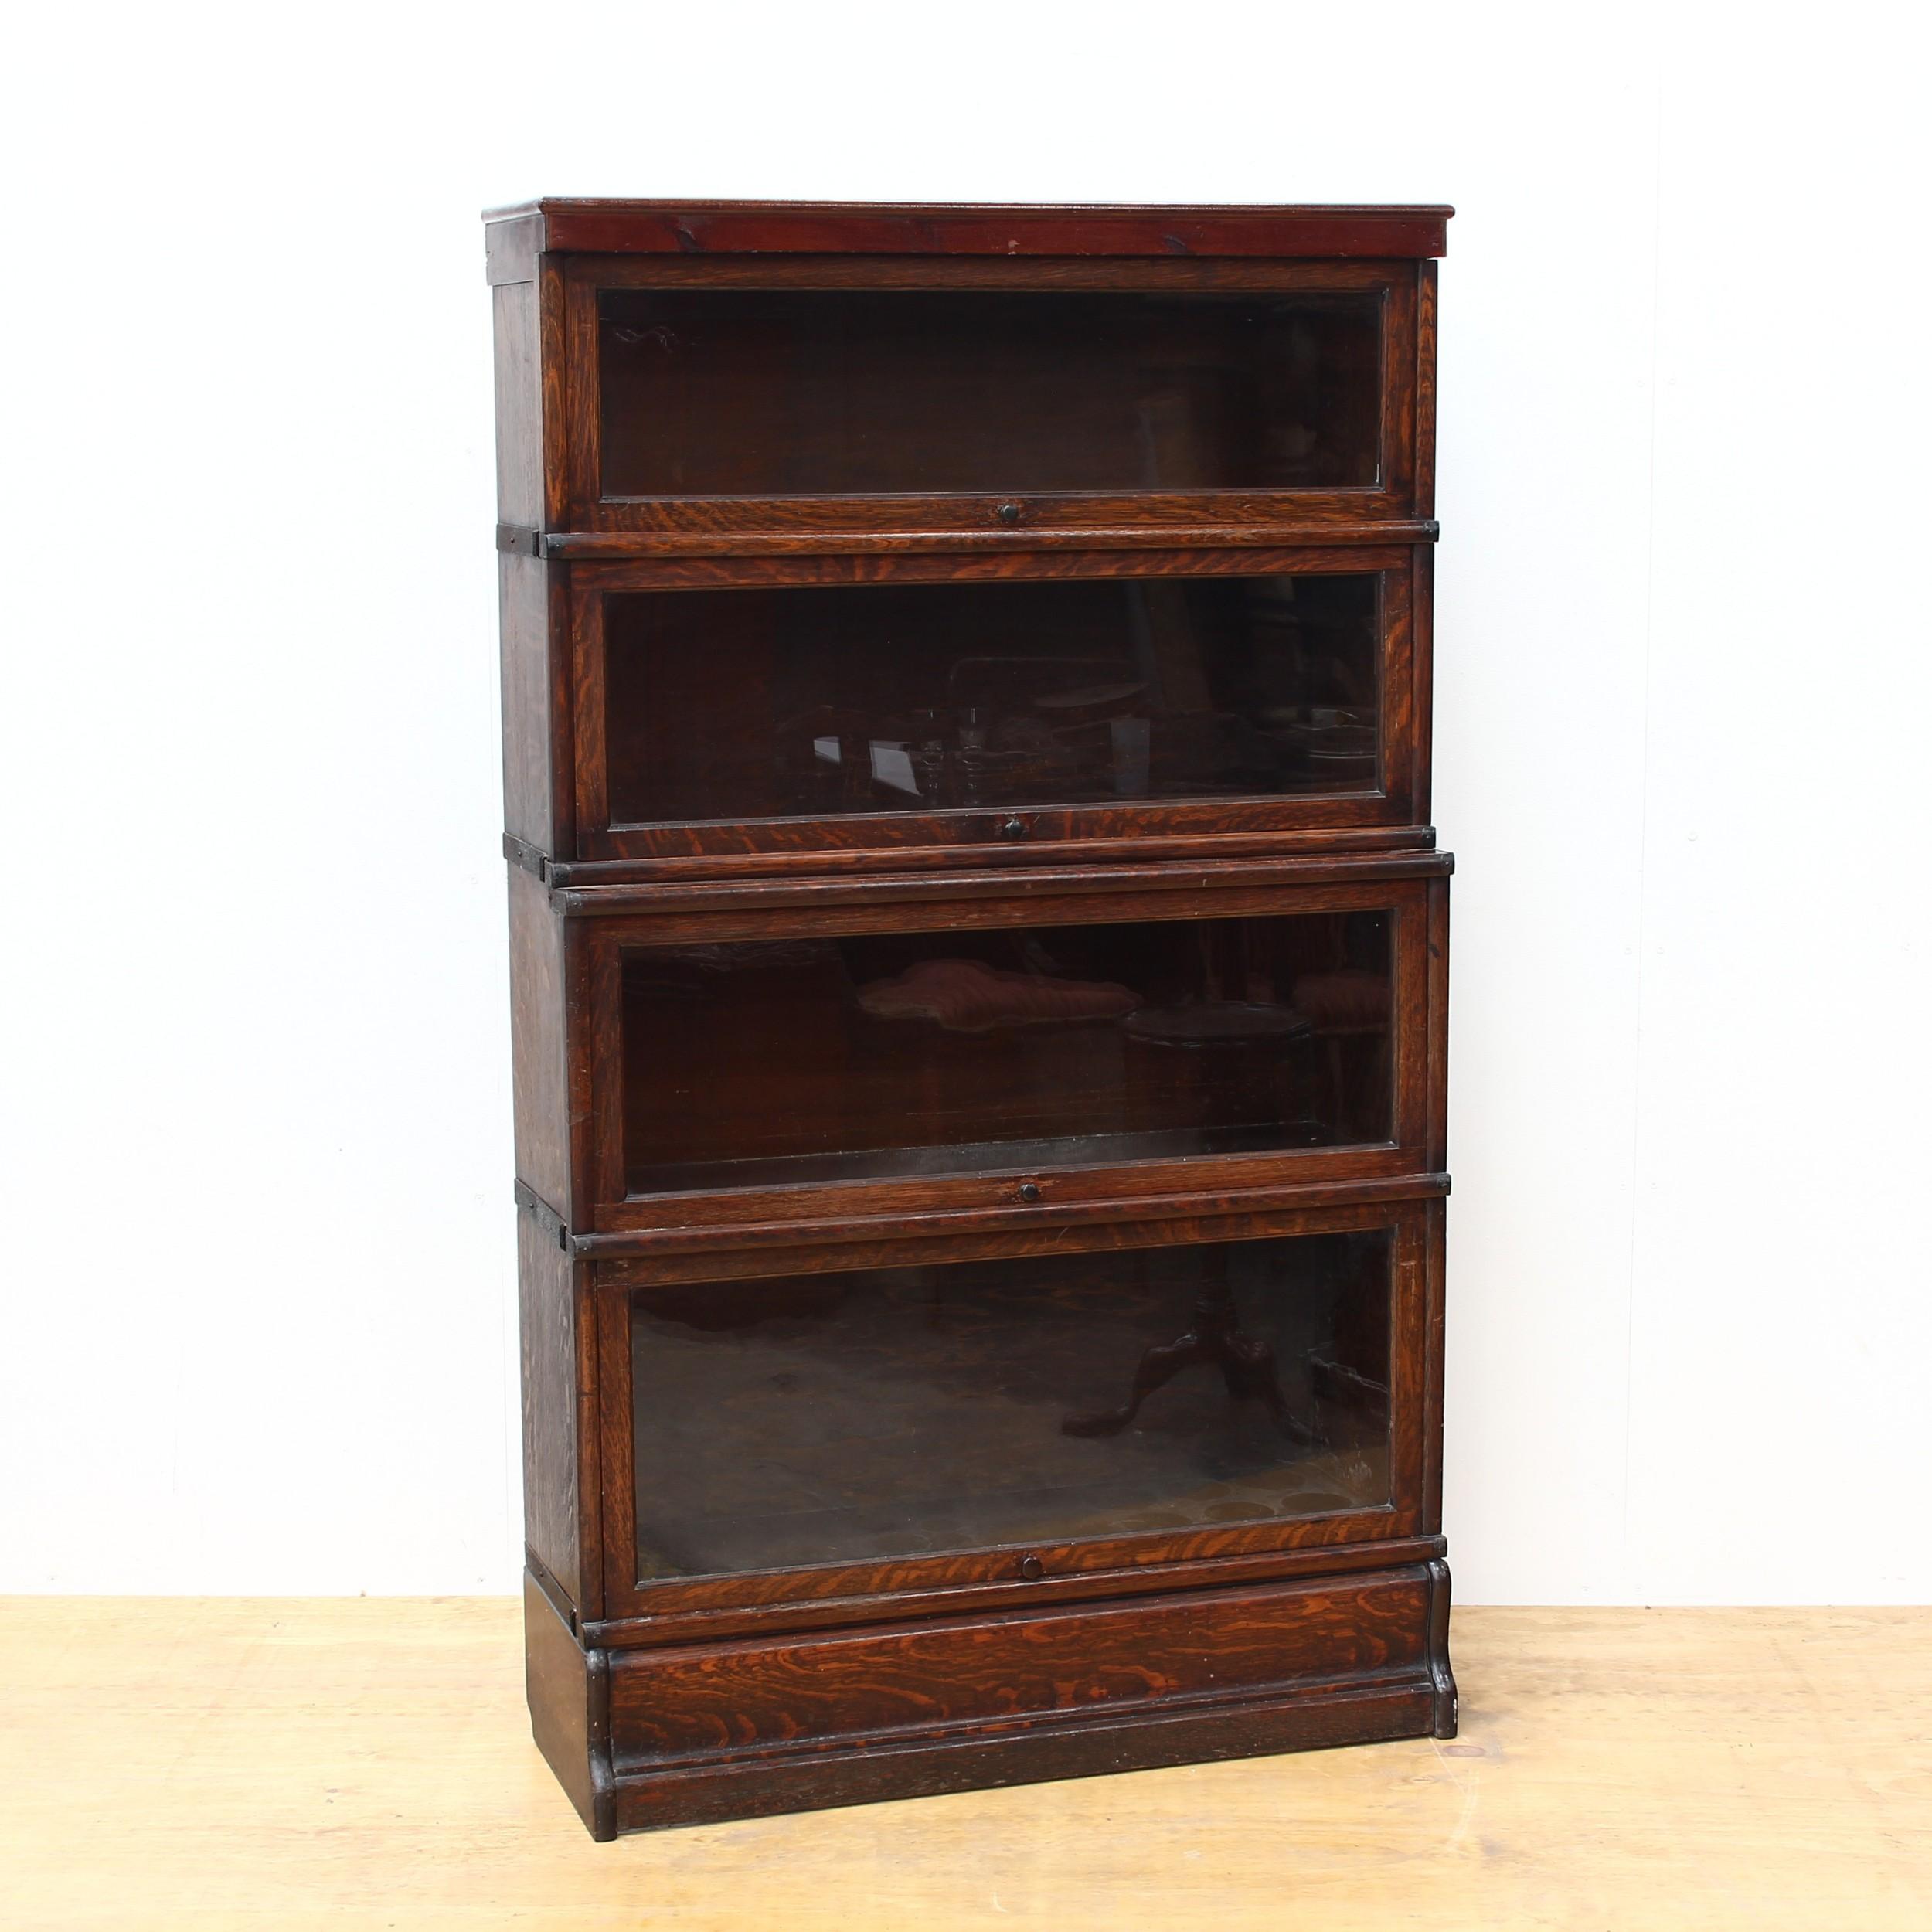 glazed 1930's oak stacking bookcase